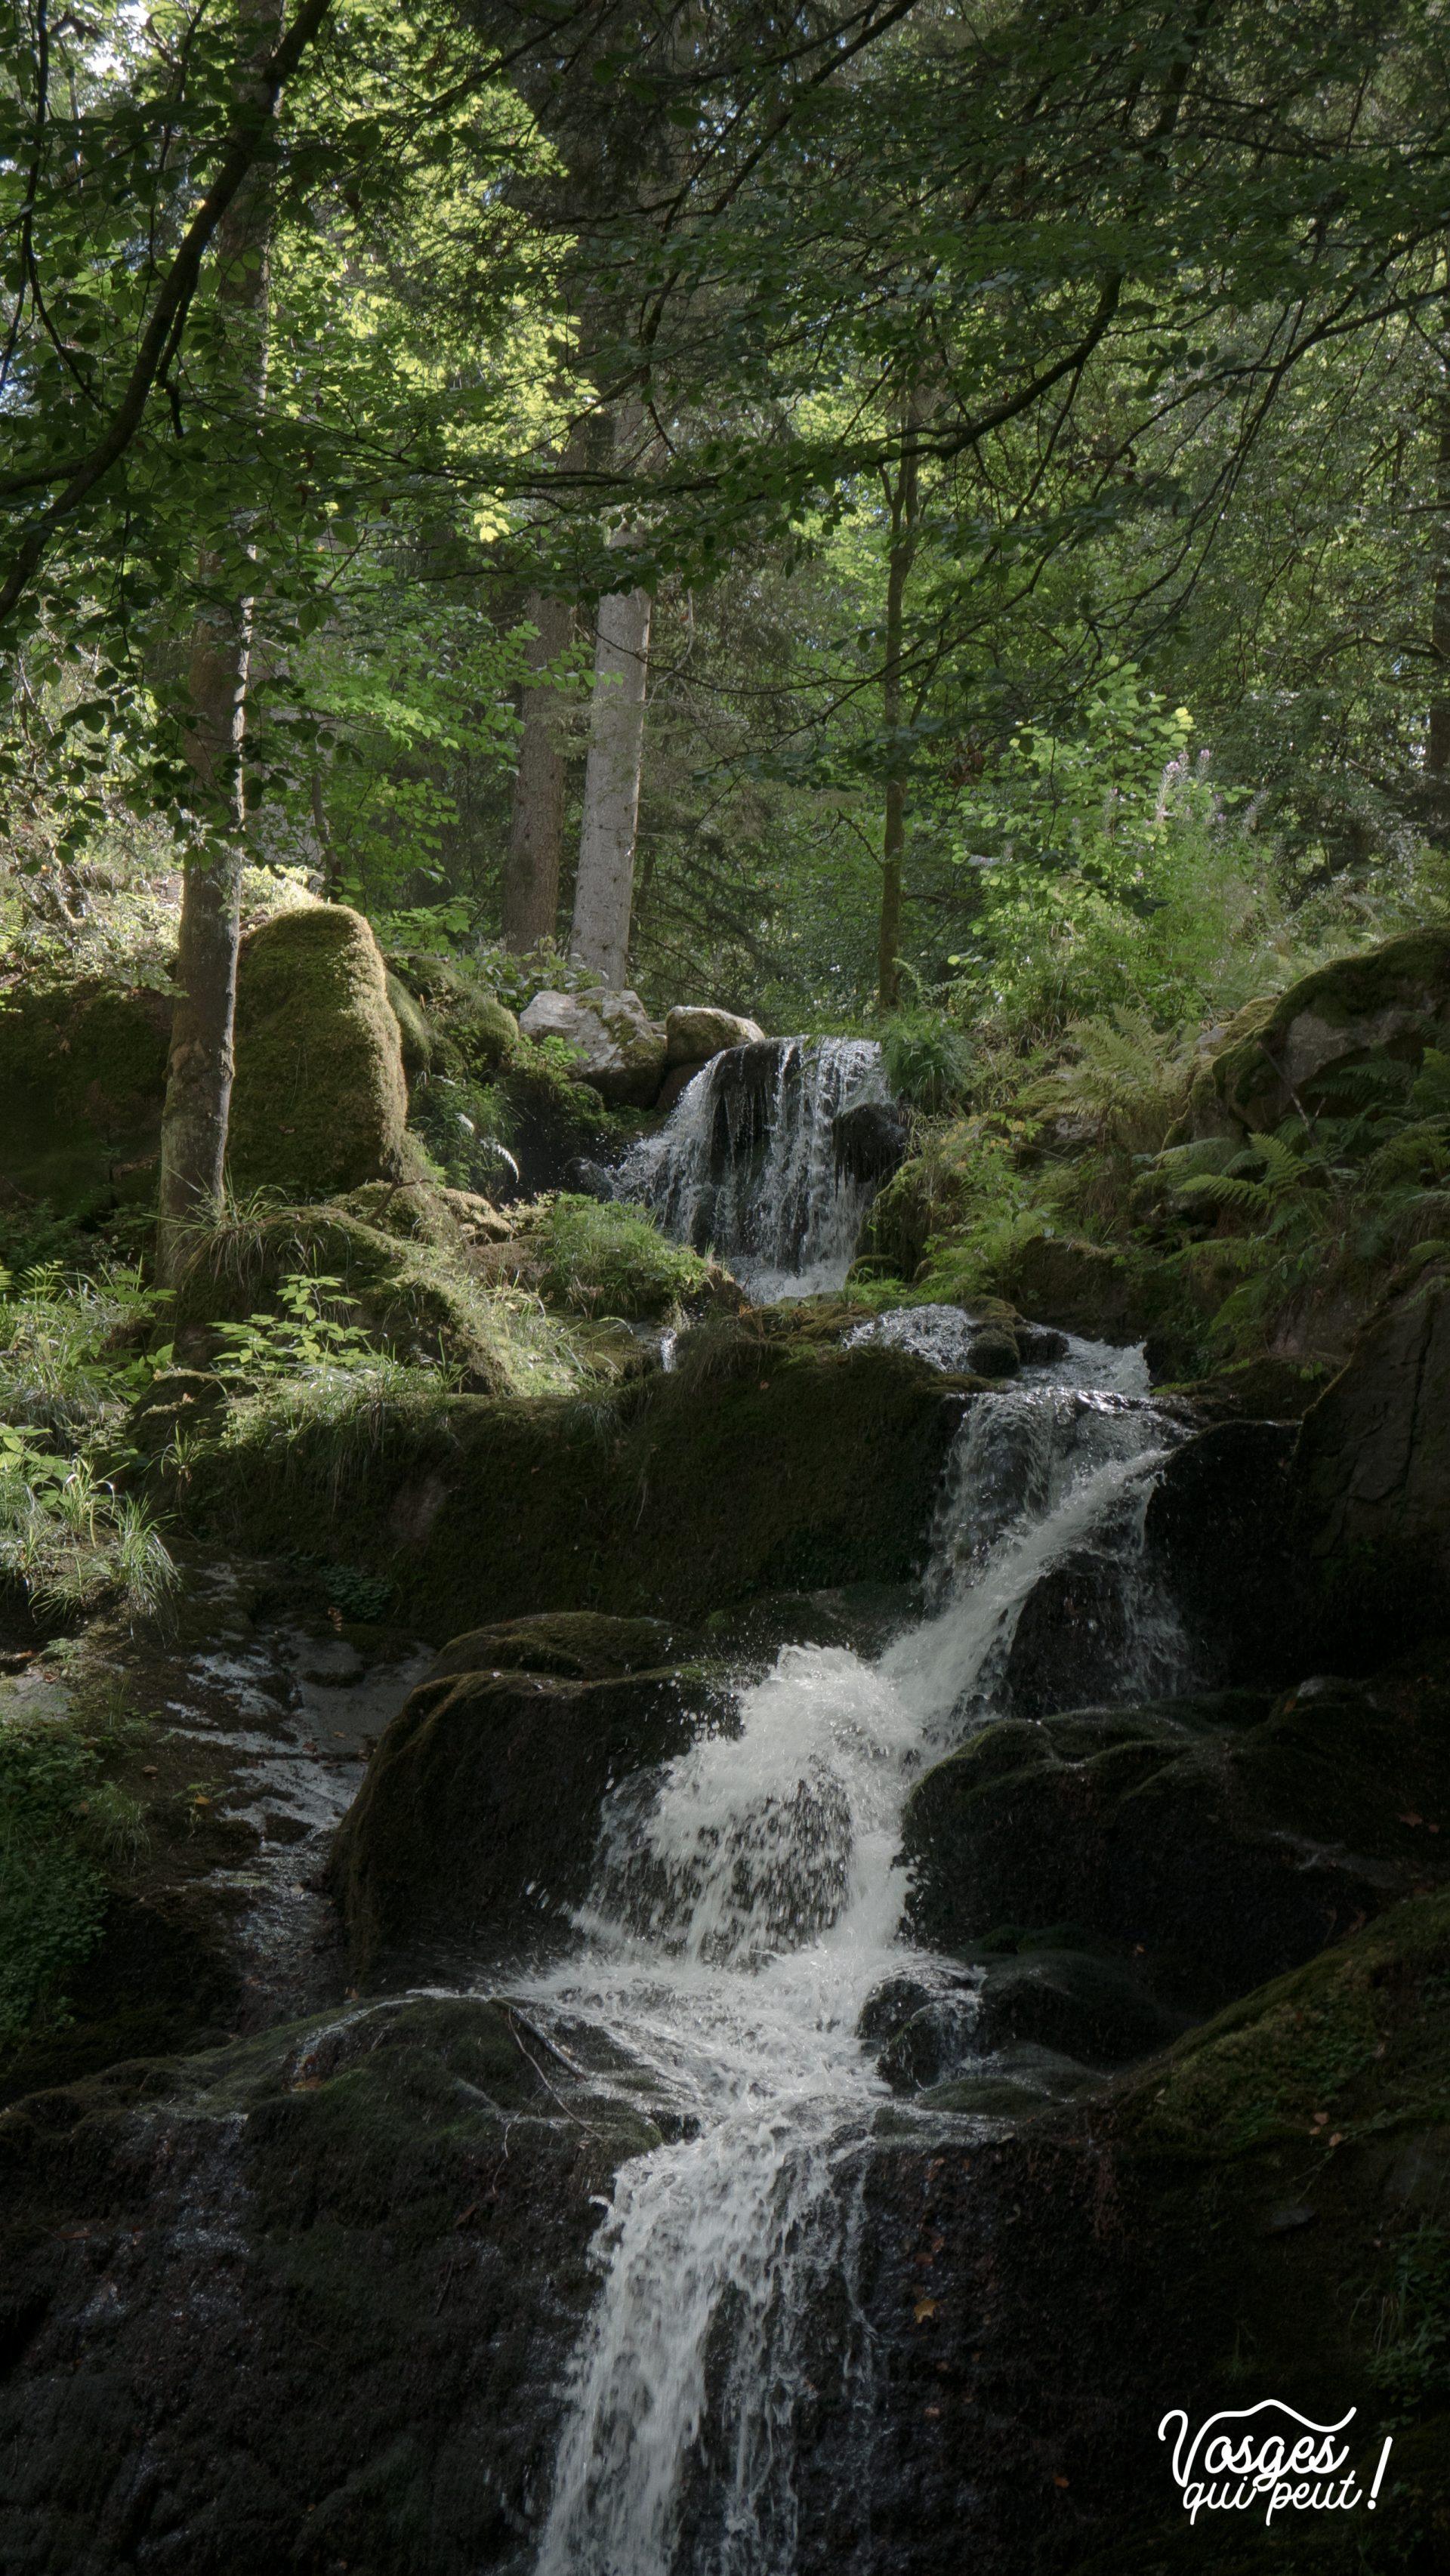 L'eau de la cascade de la Serva jaillit en pleine forêt